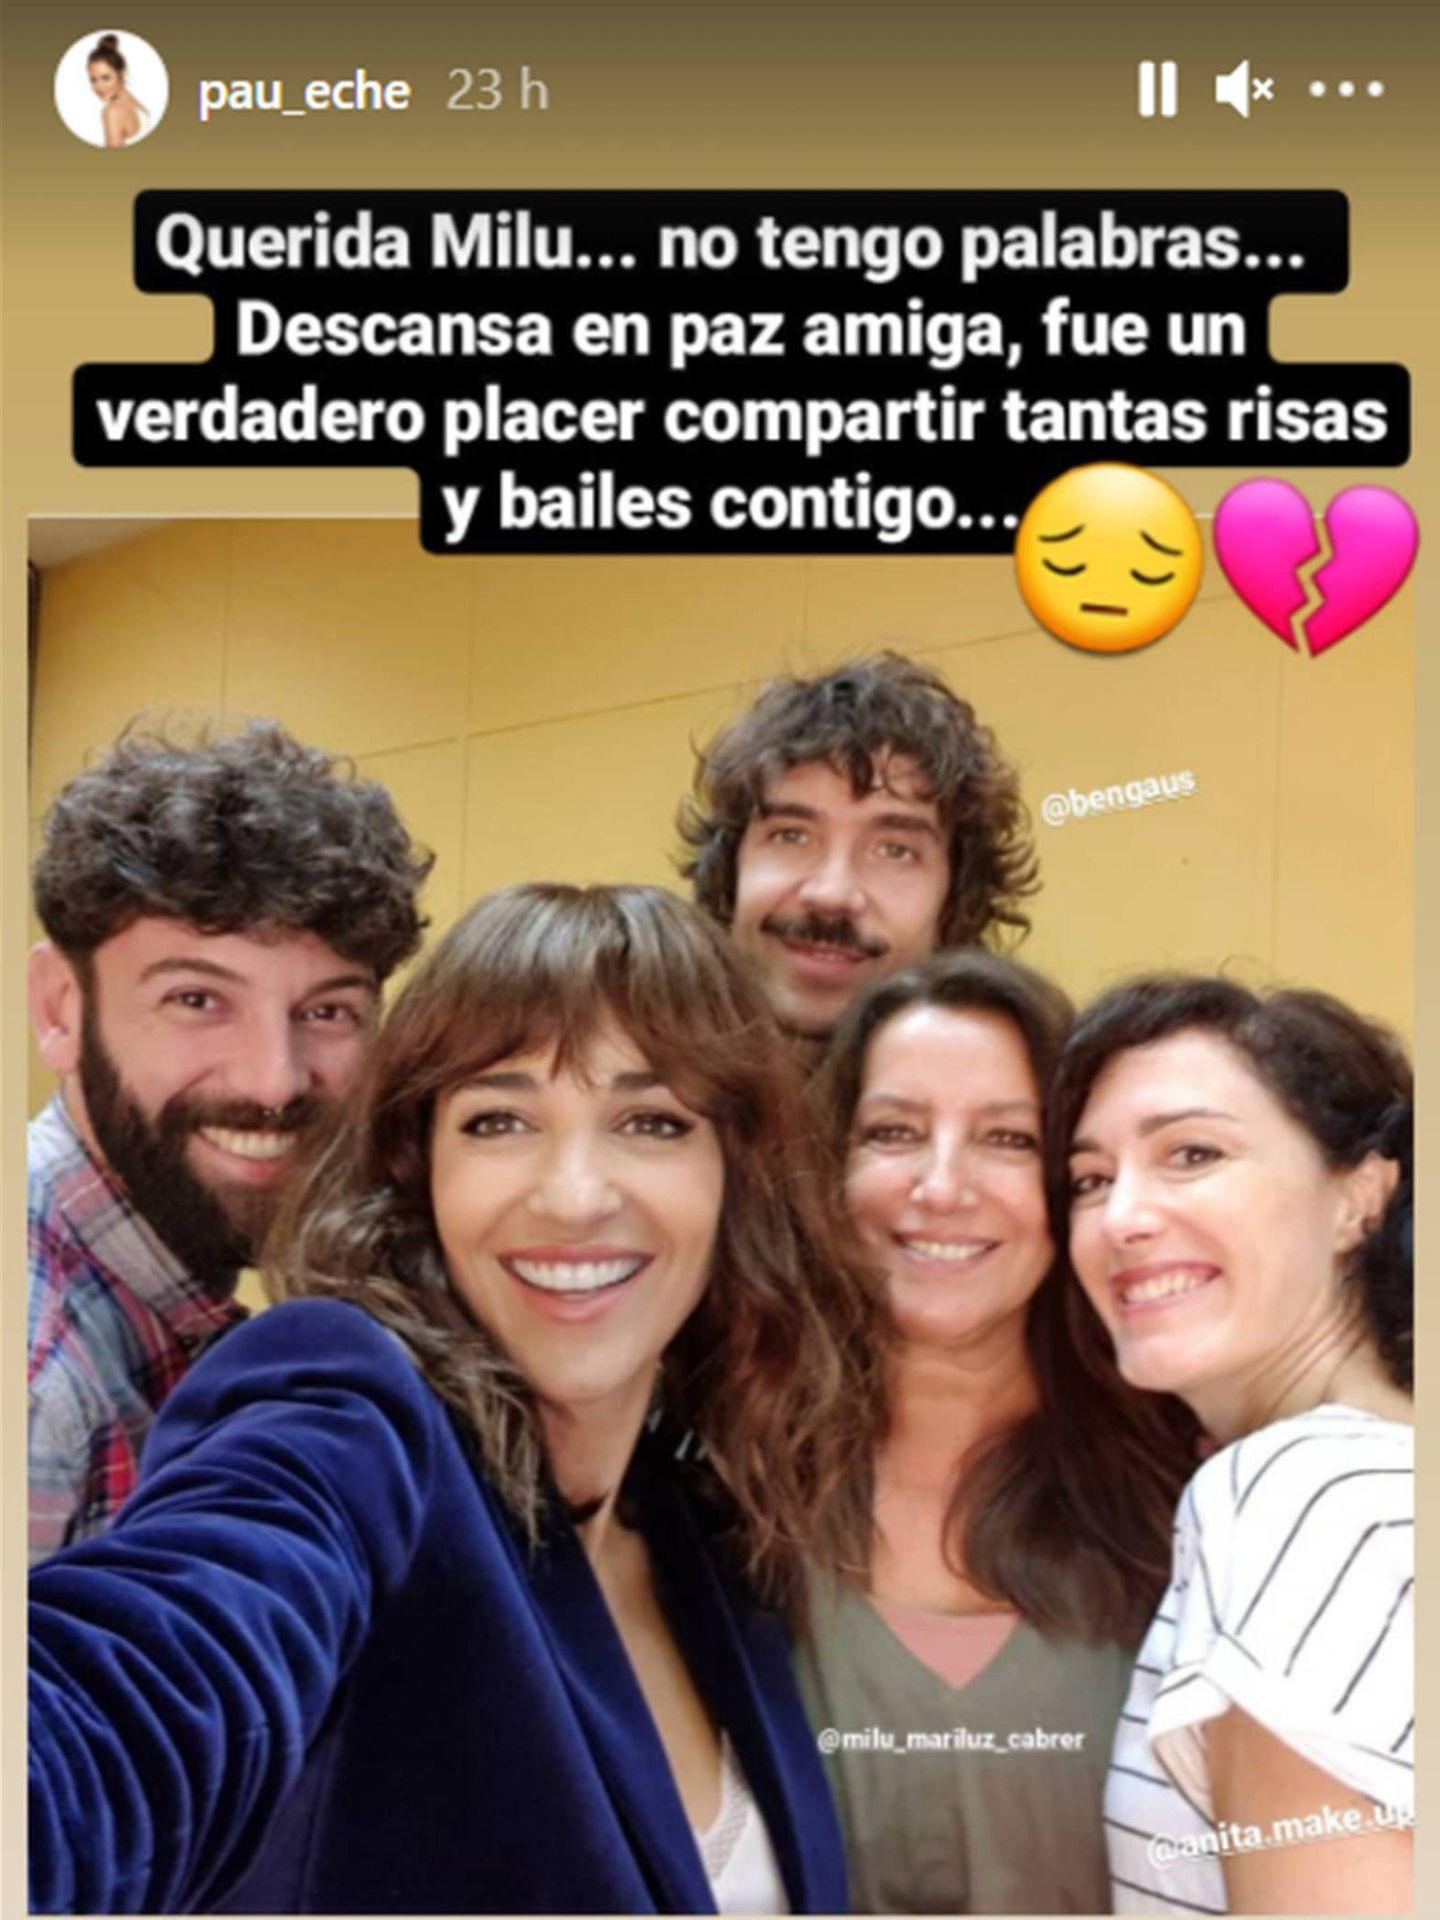 El mensaje de Paula Echevarría. (Instagram @pau_eche)